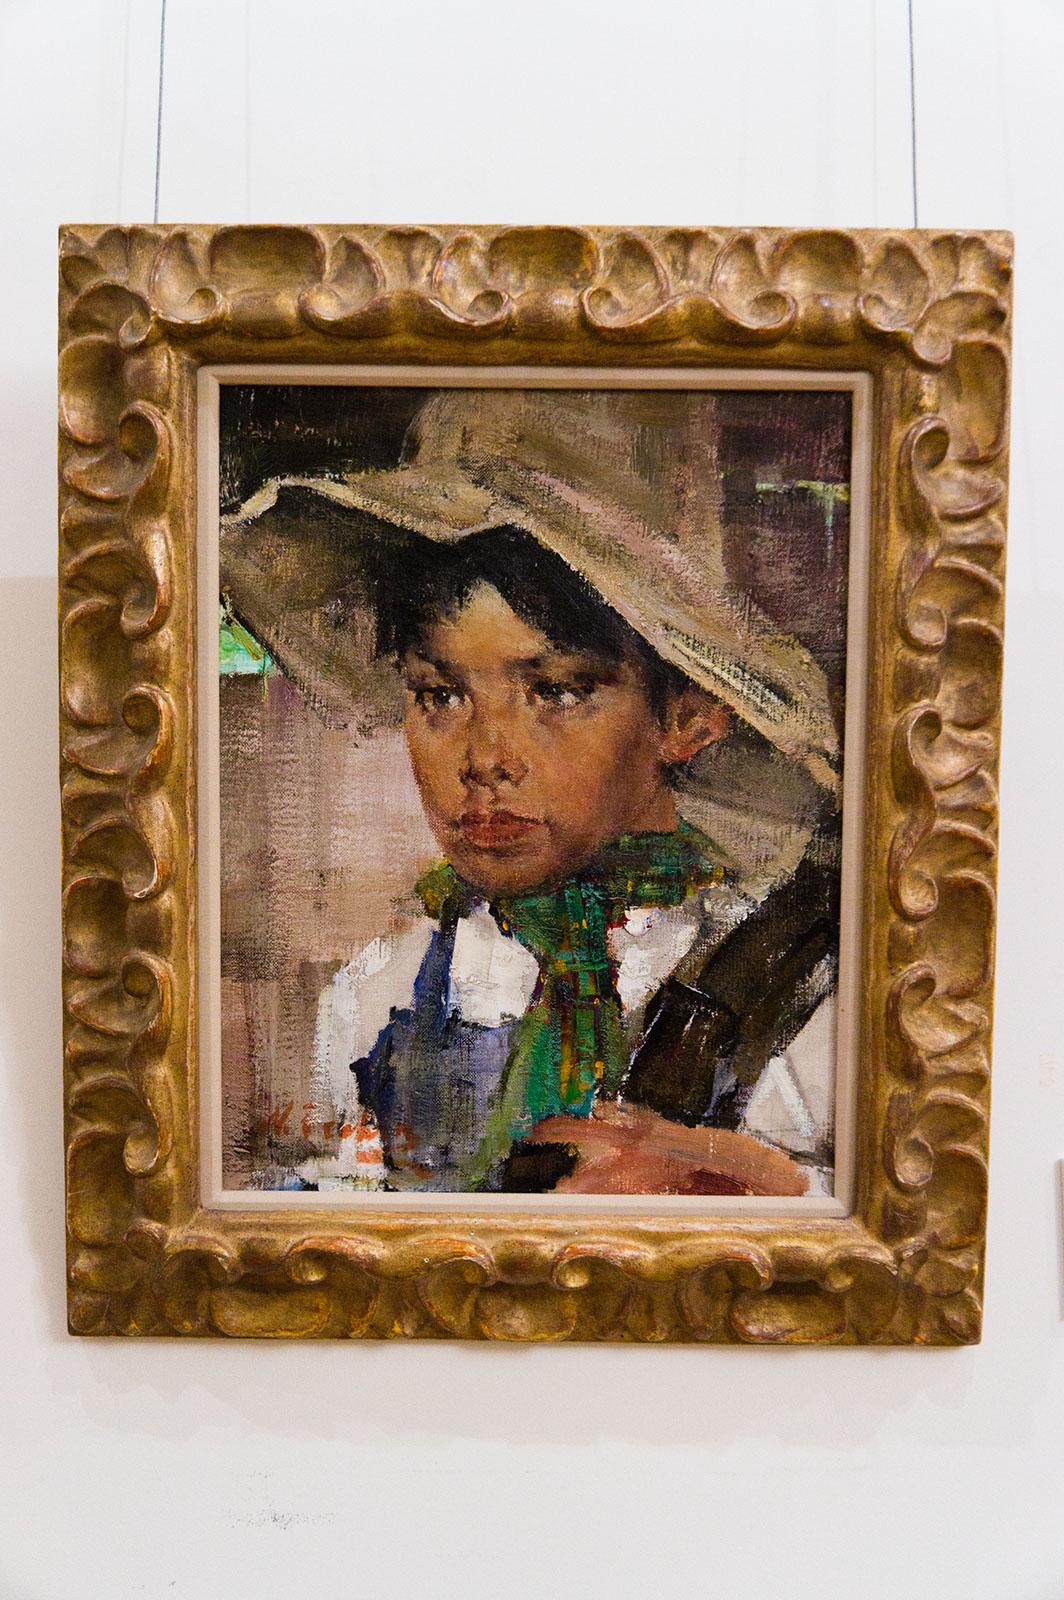 Фото №86679. Мексиканский мальчик. Между 1945-1947. Фешин Н.И.